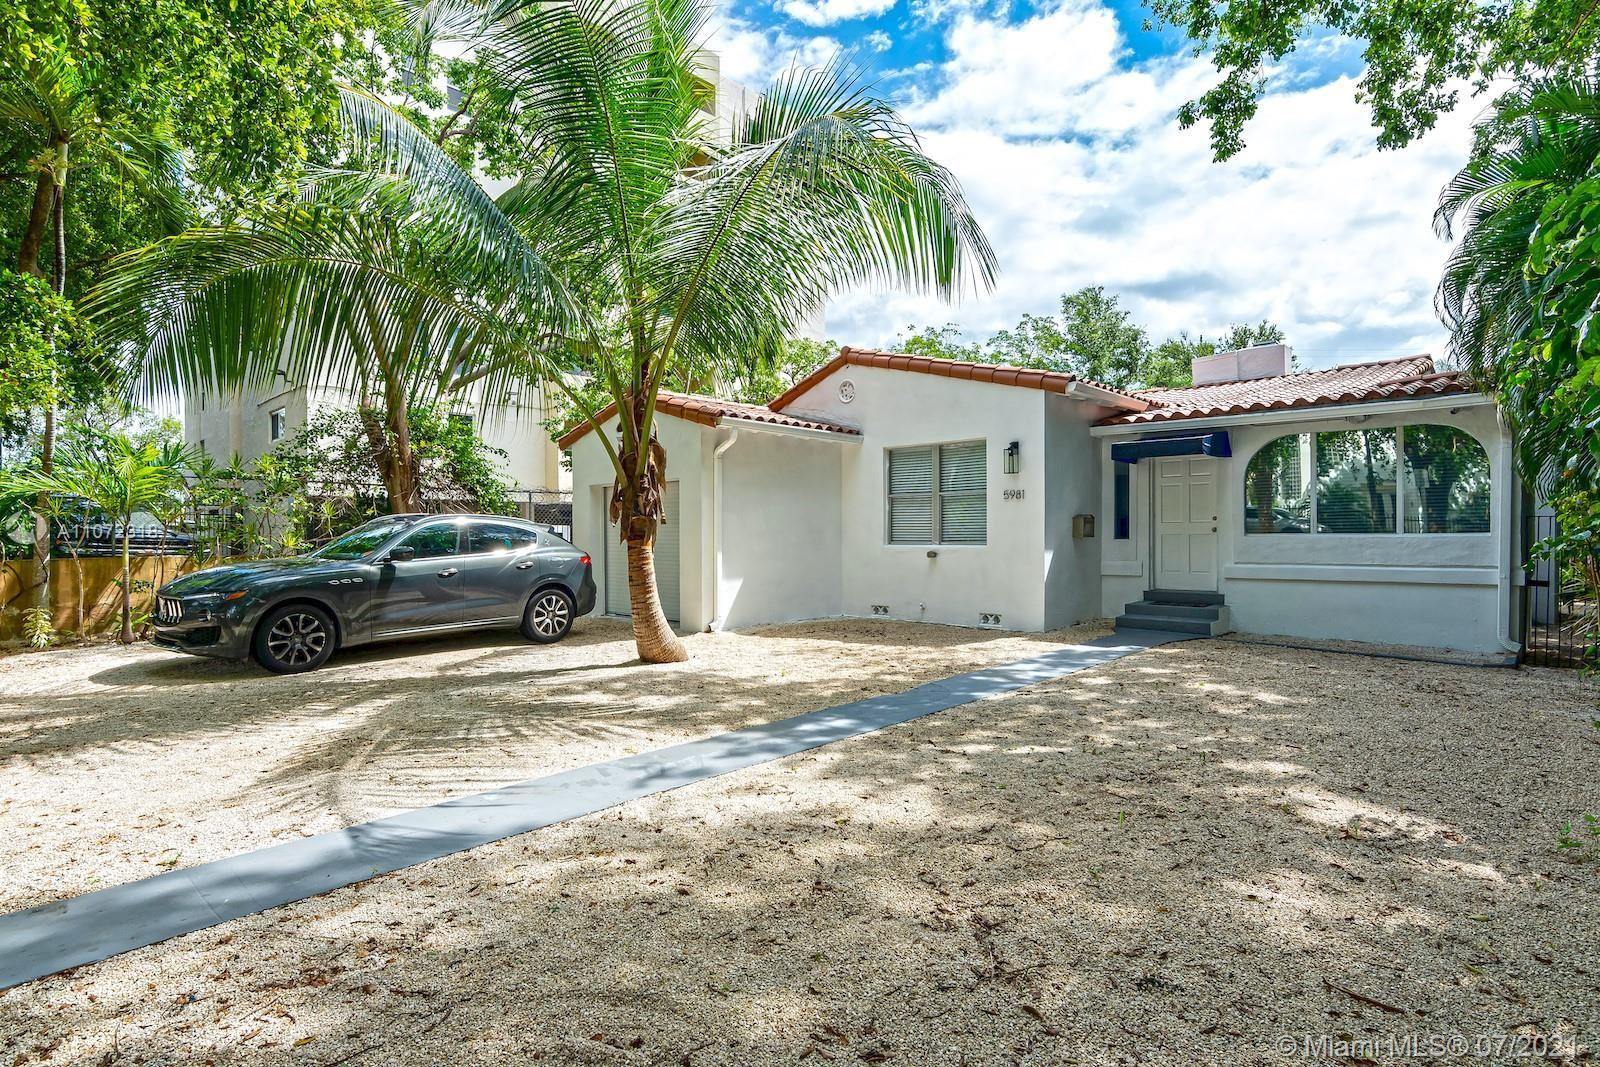 5981 NE 6th Ave, Miami, FL 33137 - #: A11072318